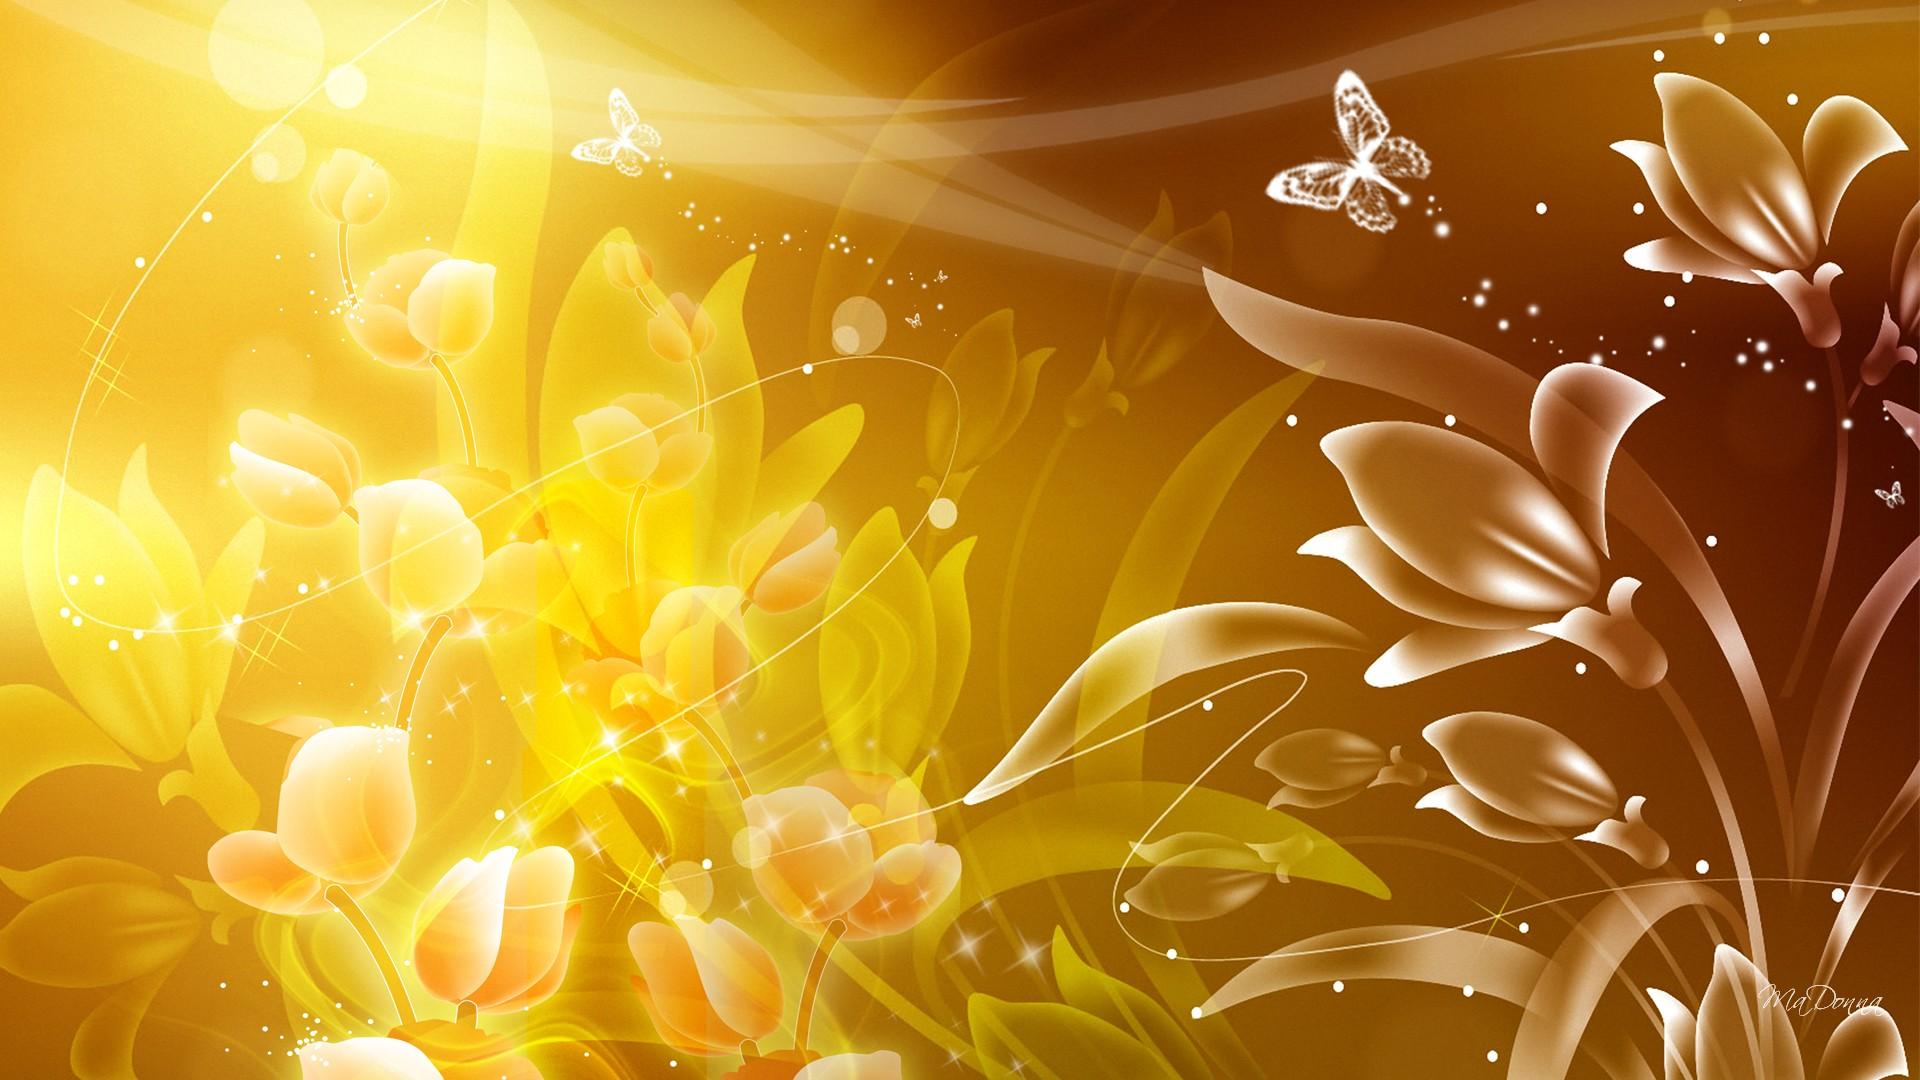 Gold Wallpaper 4584 1920x1080 Px HDWallSourcecom